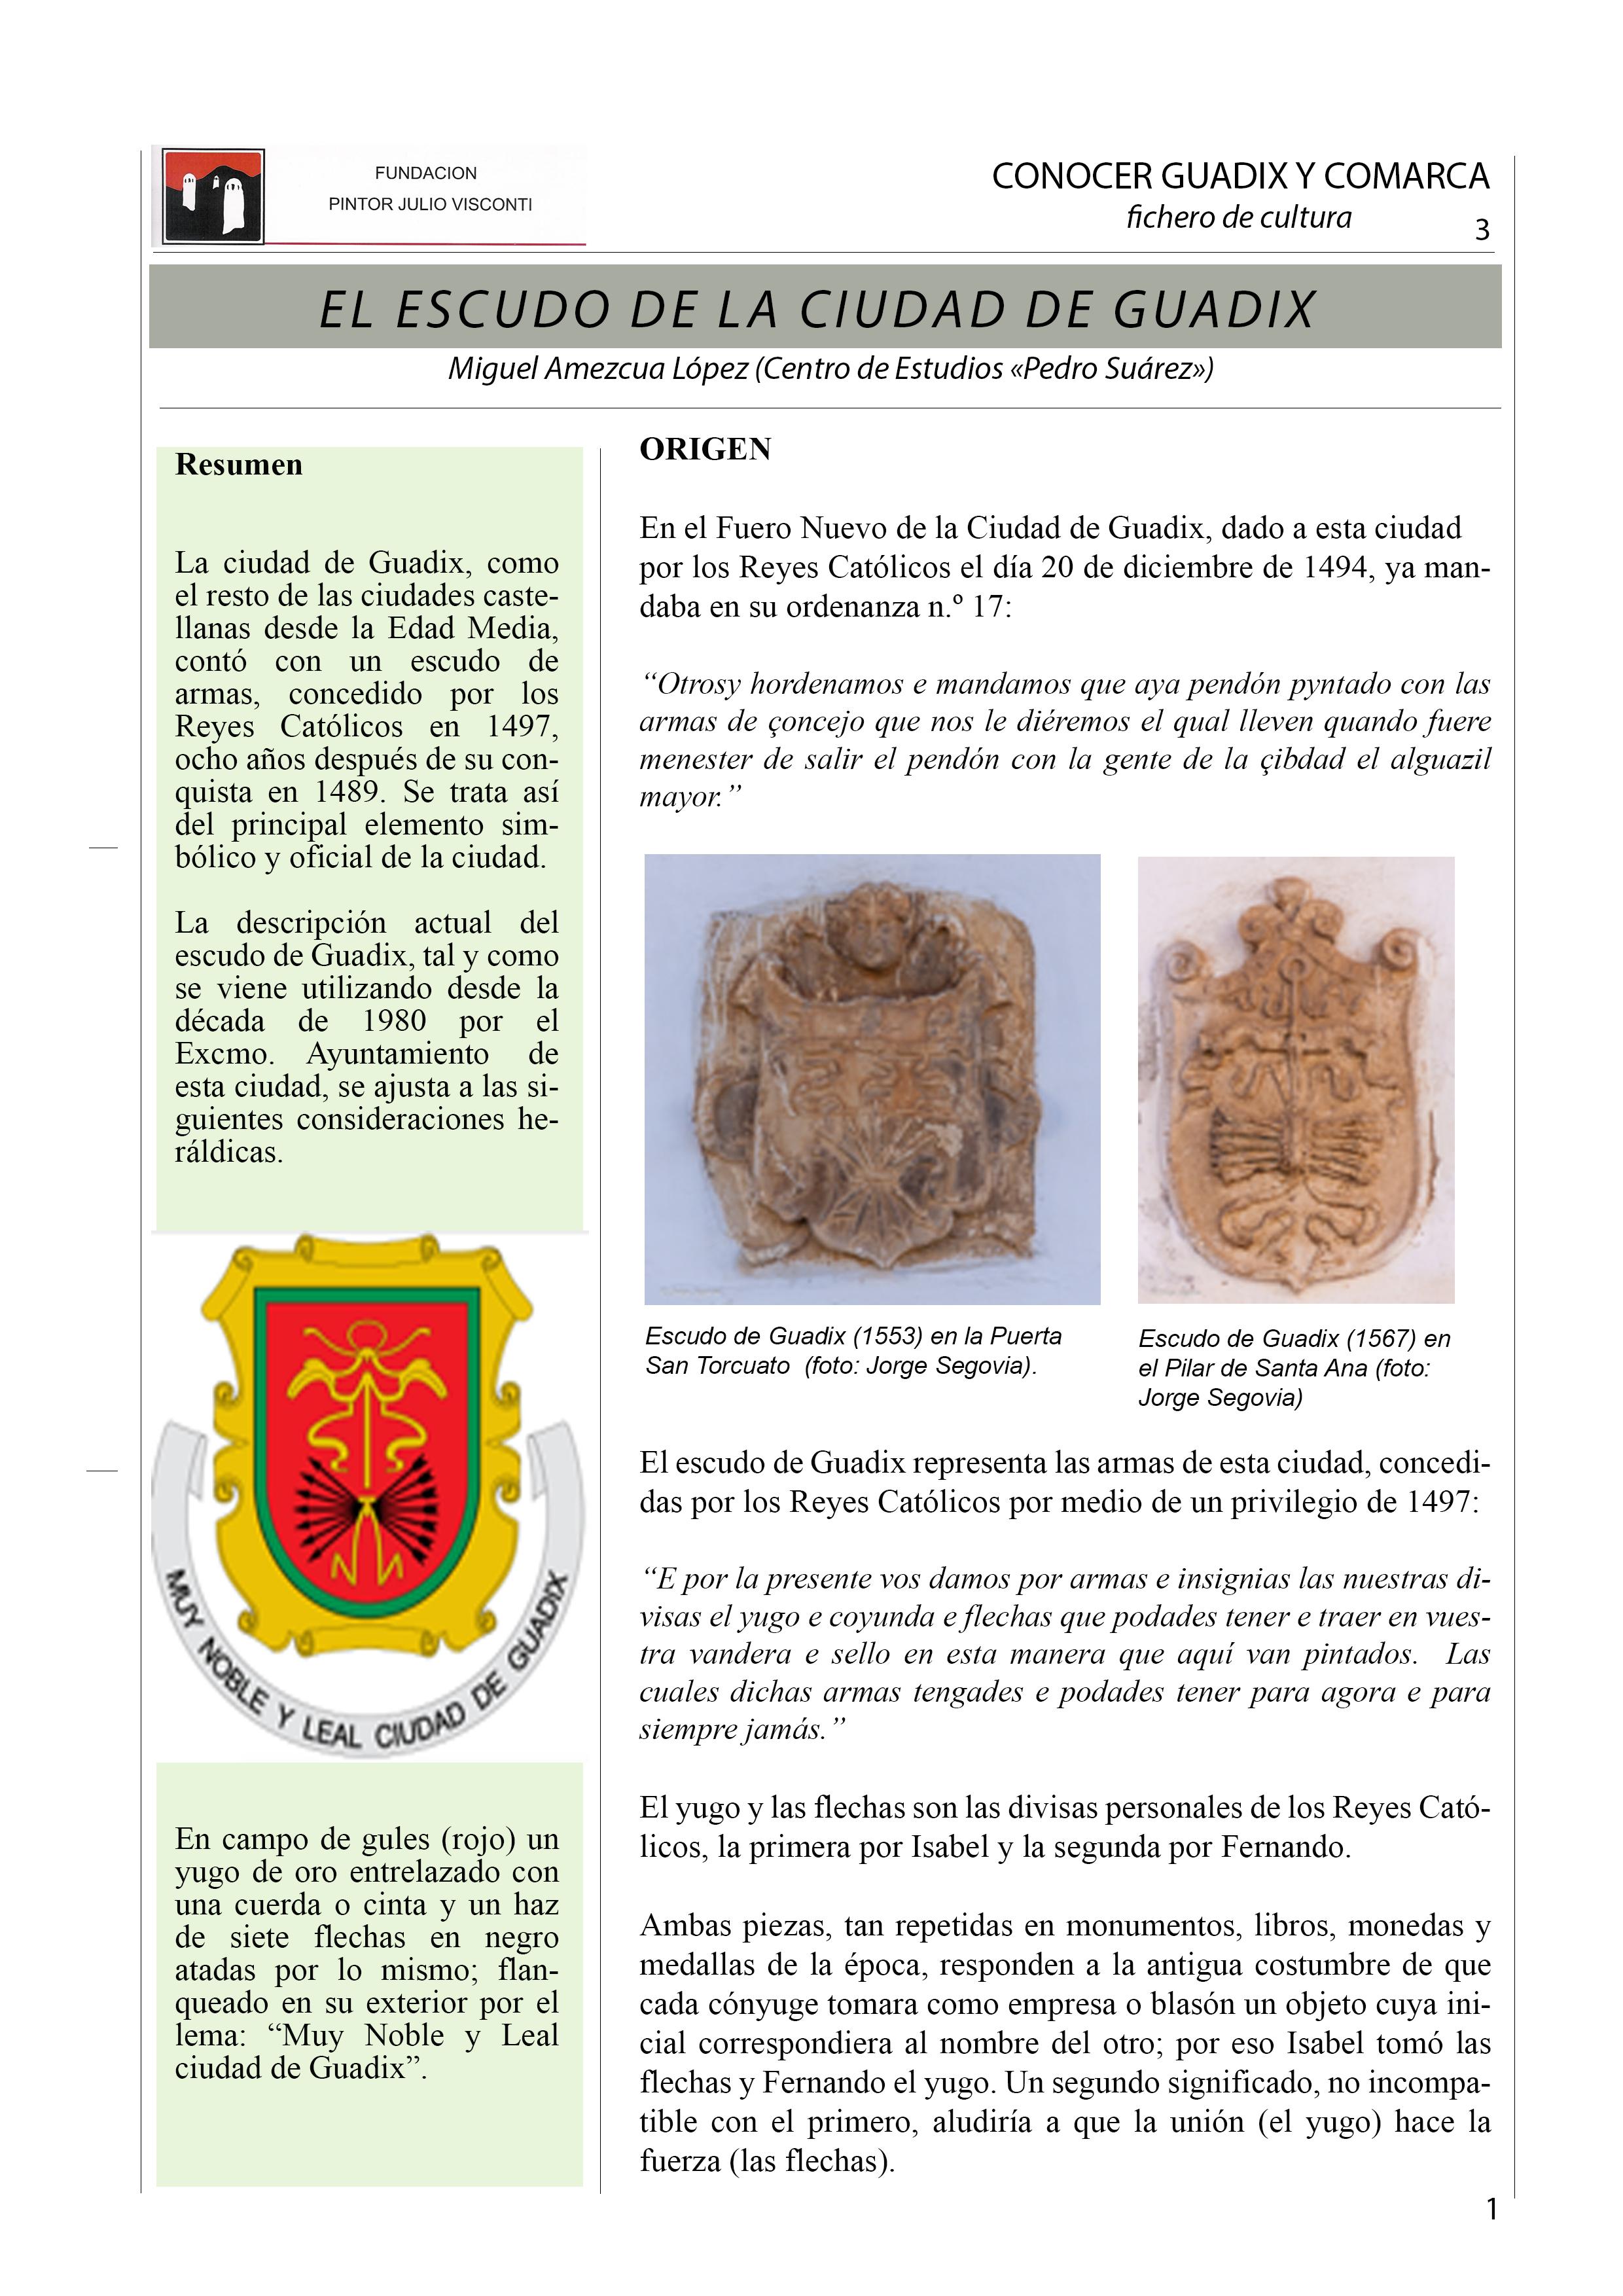 El escudo de Guadix 1 Definitiva